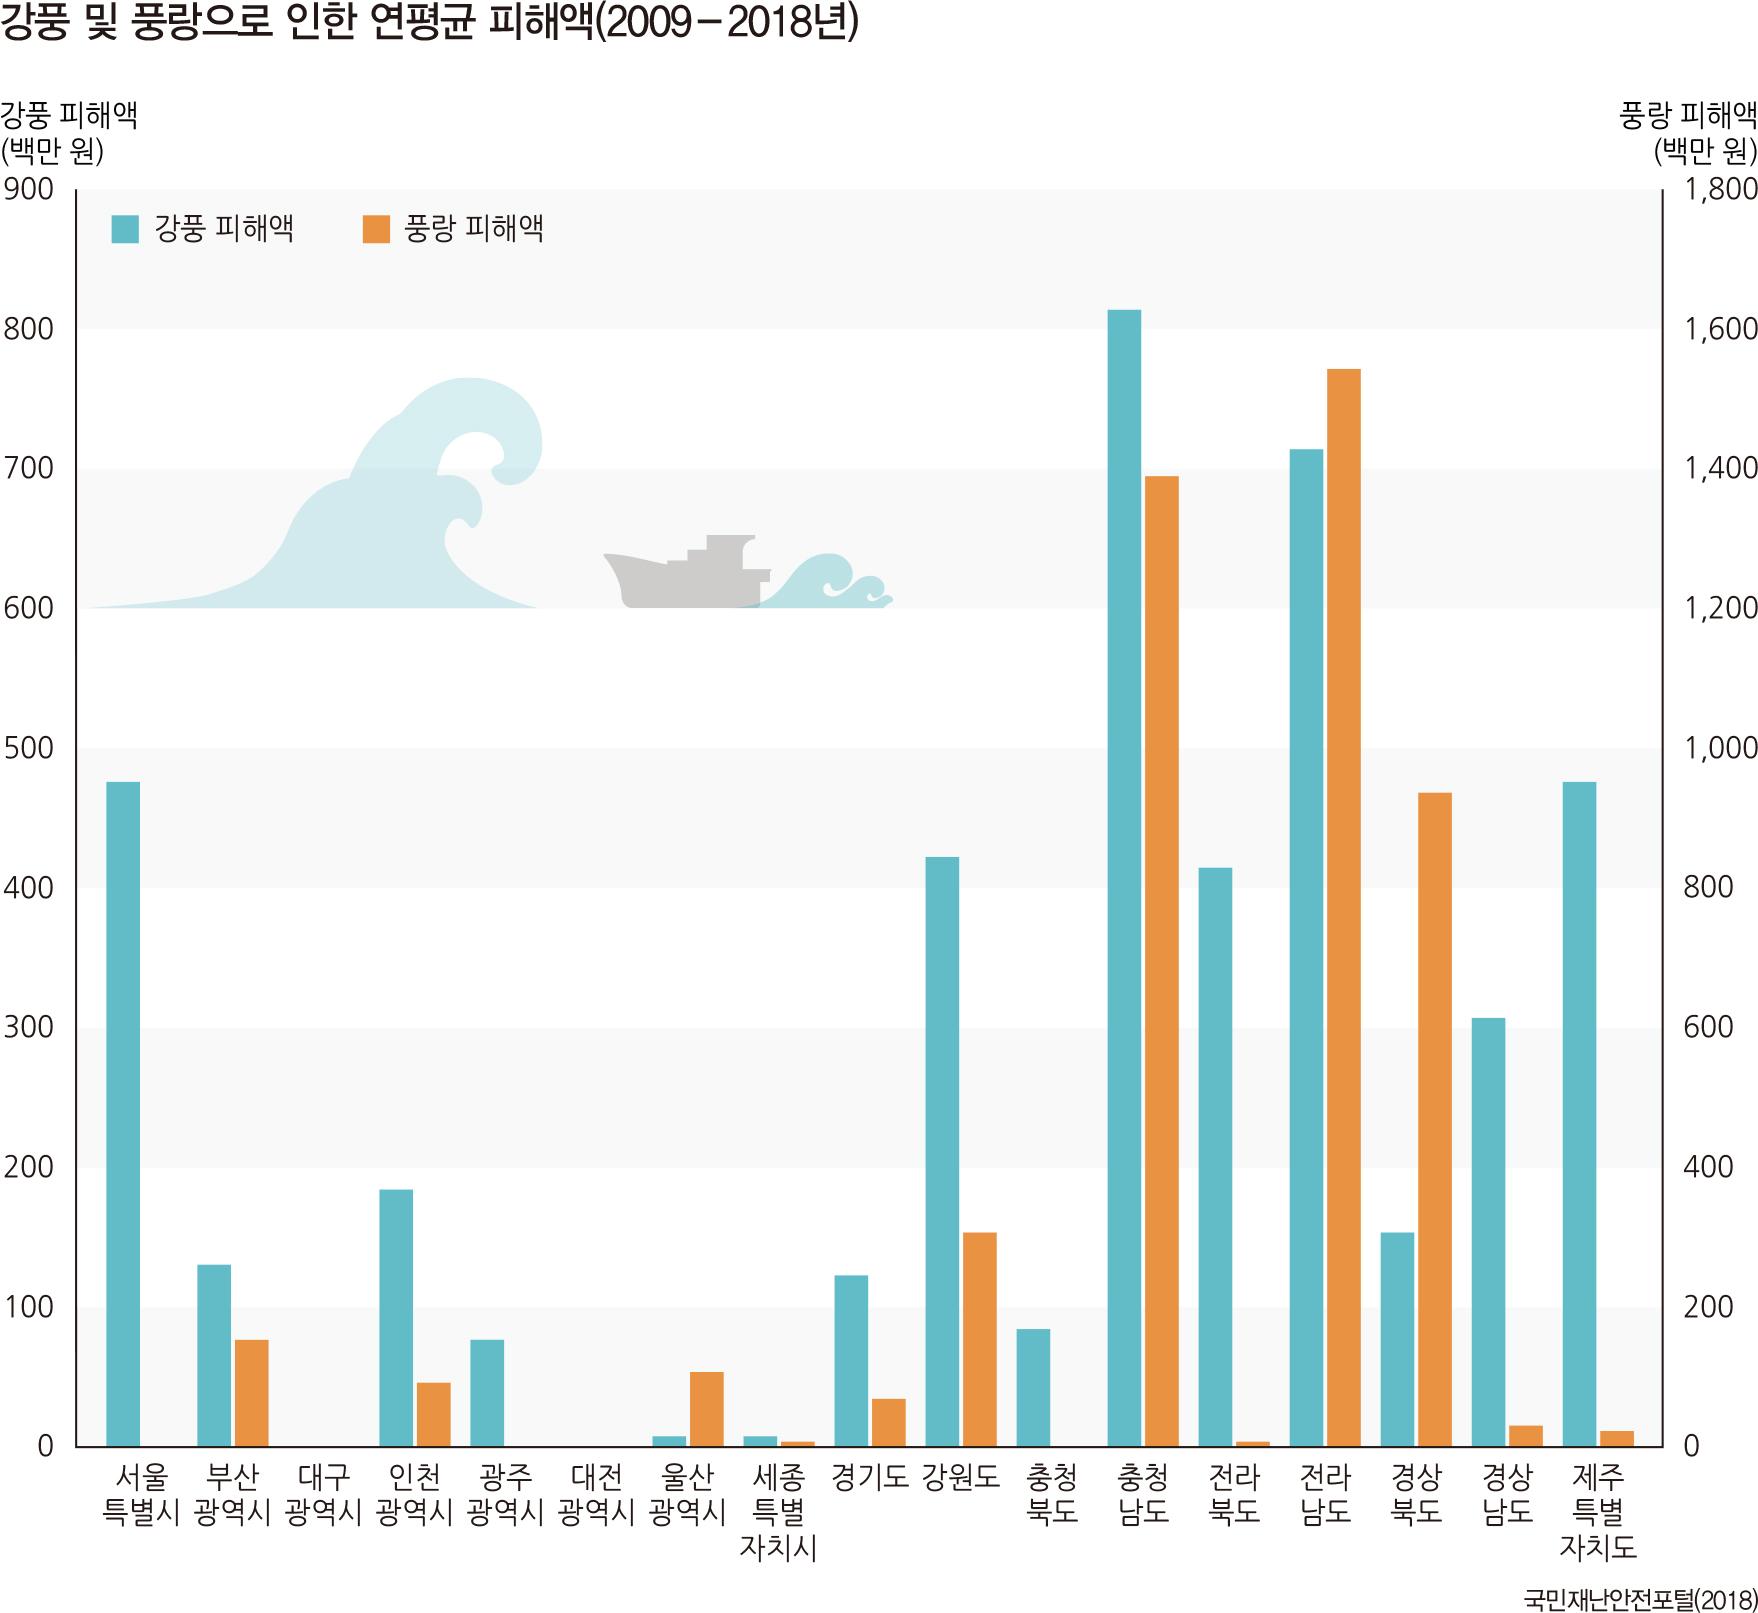 강풍 및 풍랑으로 인한 연평균 피해액(2009-2018년)